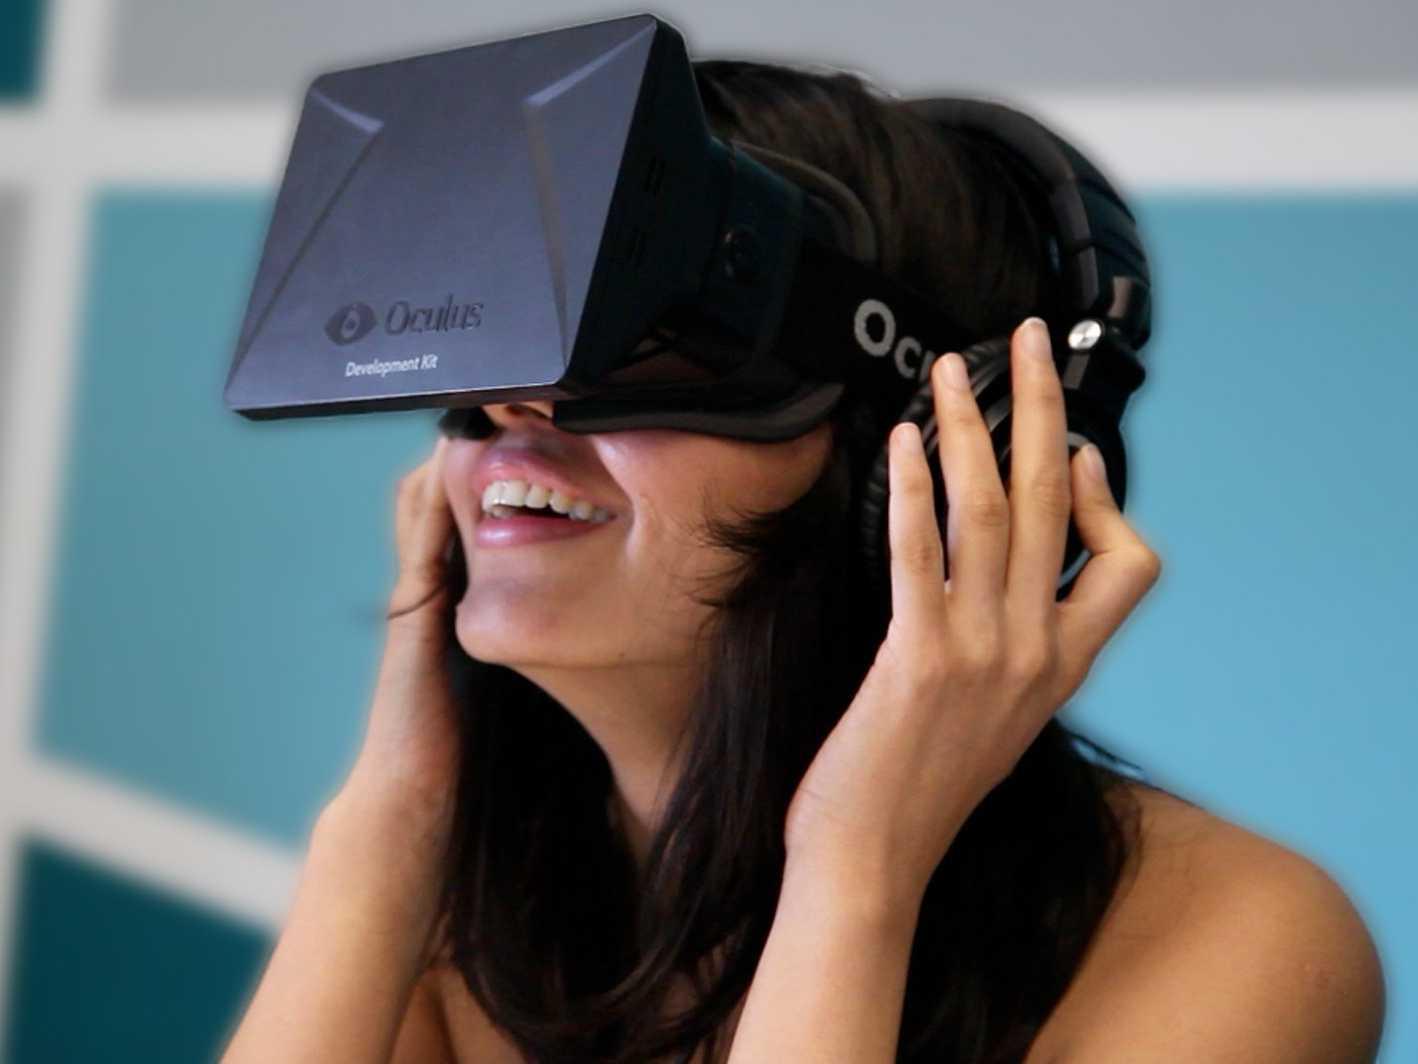 oculusriftgirl